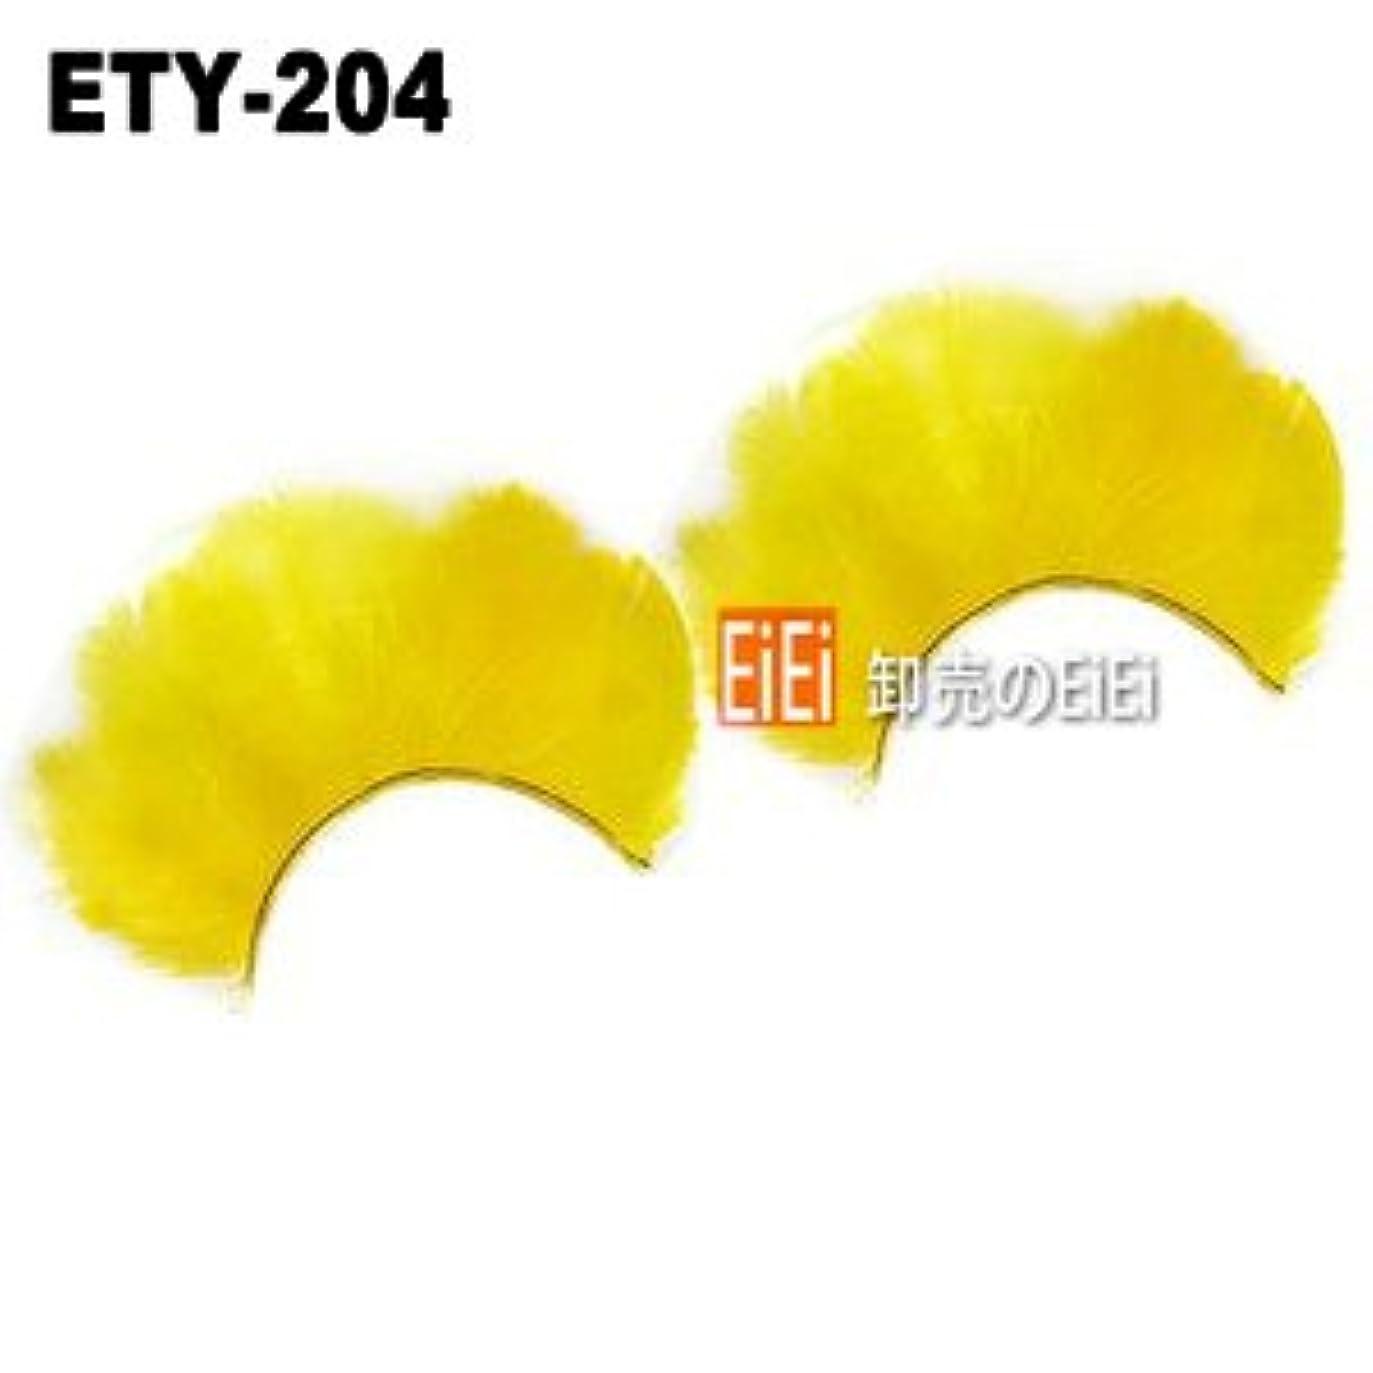 頬おしゃれな歯痛つけまつげ セット 羽 ナチュラル つけま 部分 まつげ 羽まつげ 羽根つけま カラー デザイン フェザー 激安 アイラッシュ ETY-200set (ETY-204)